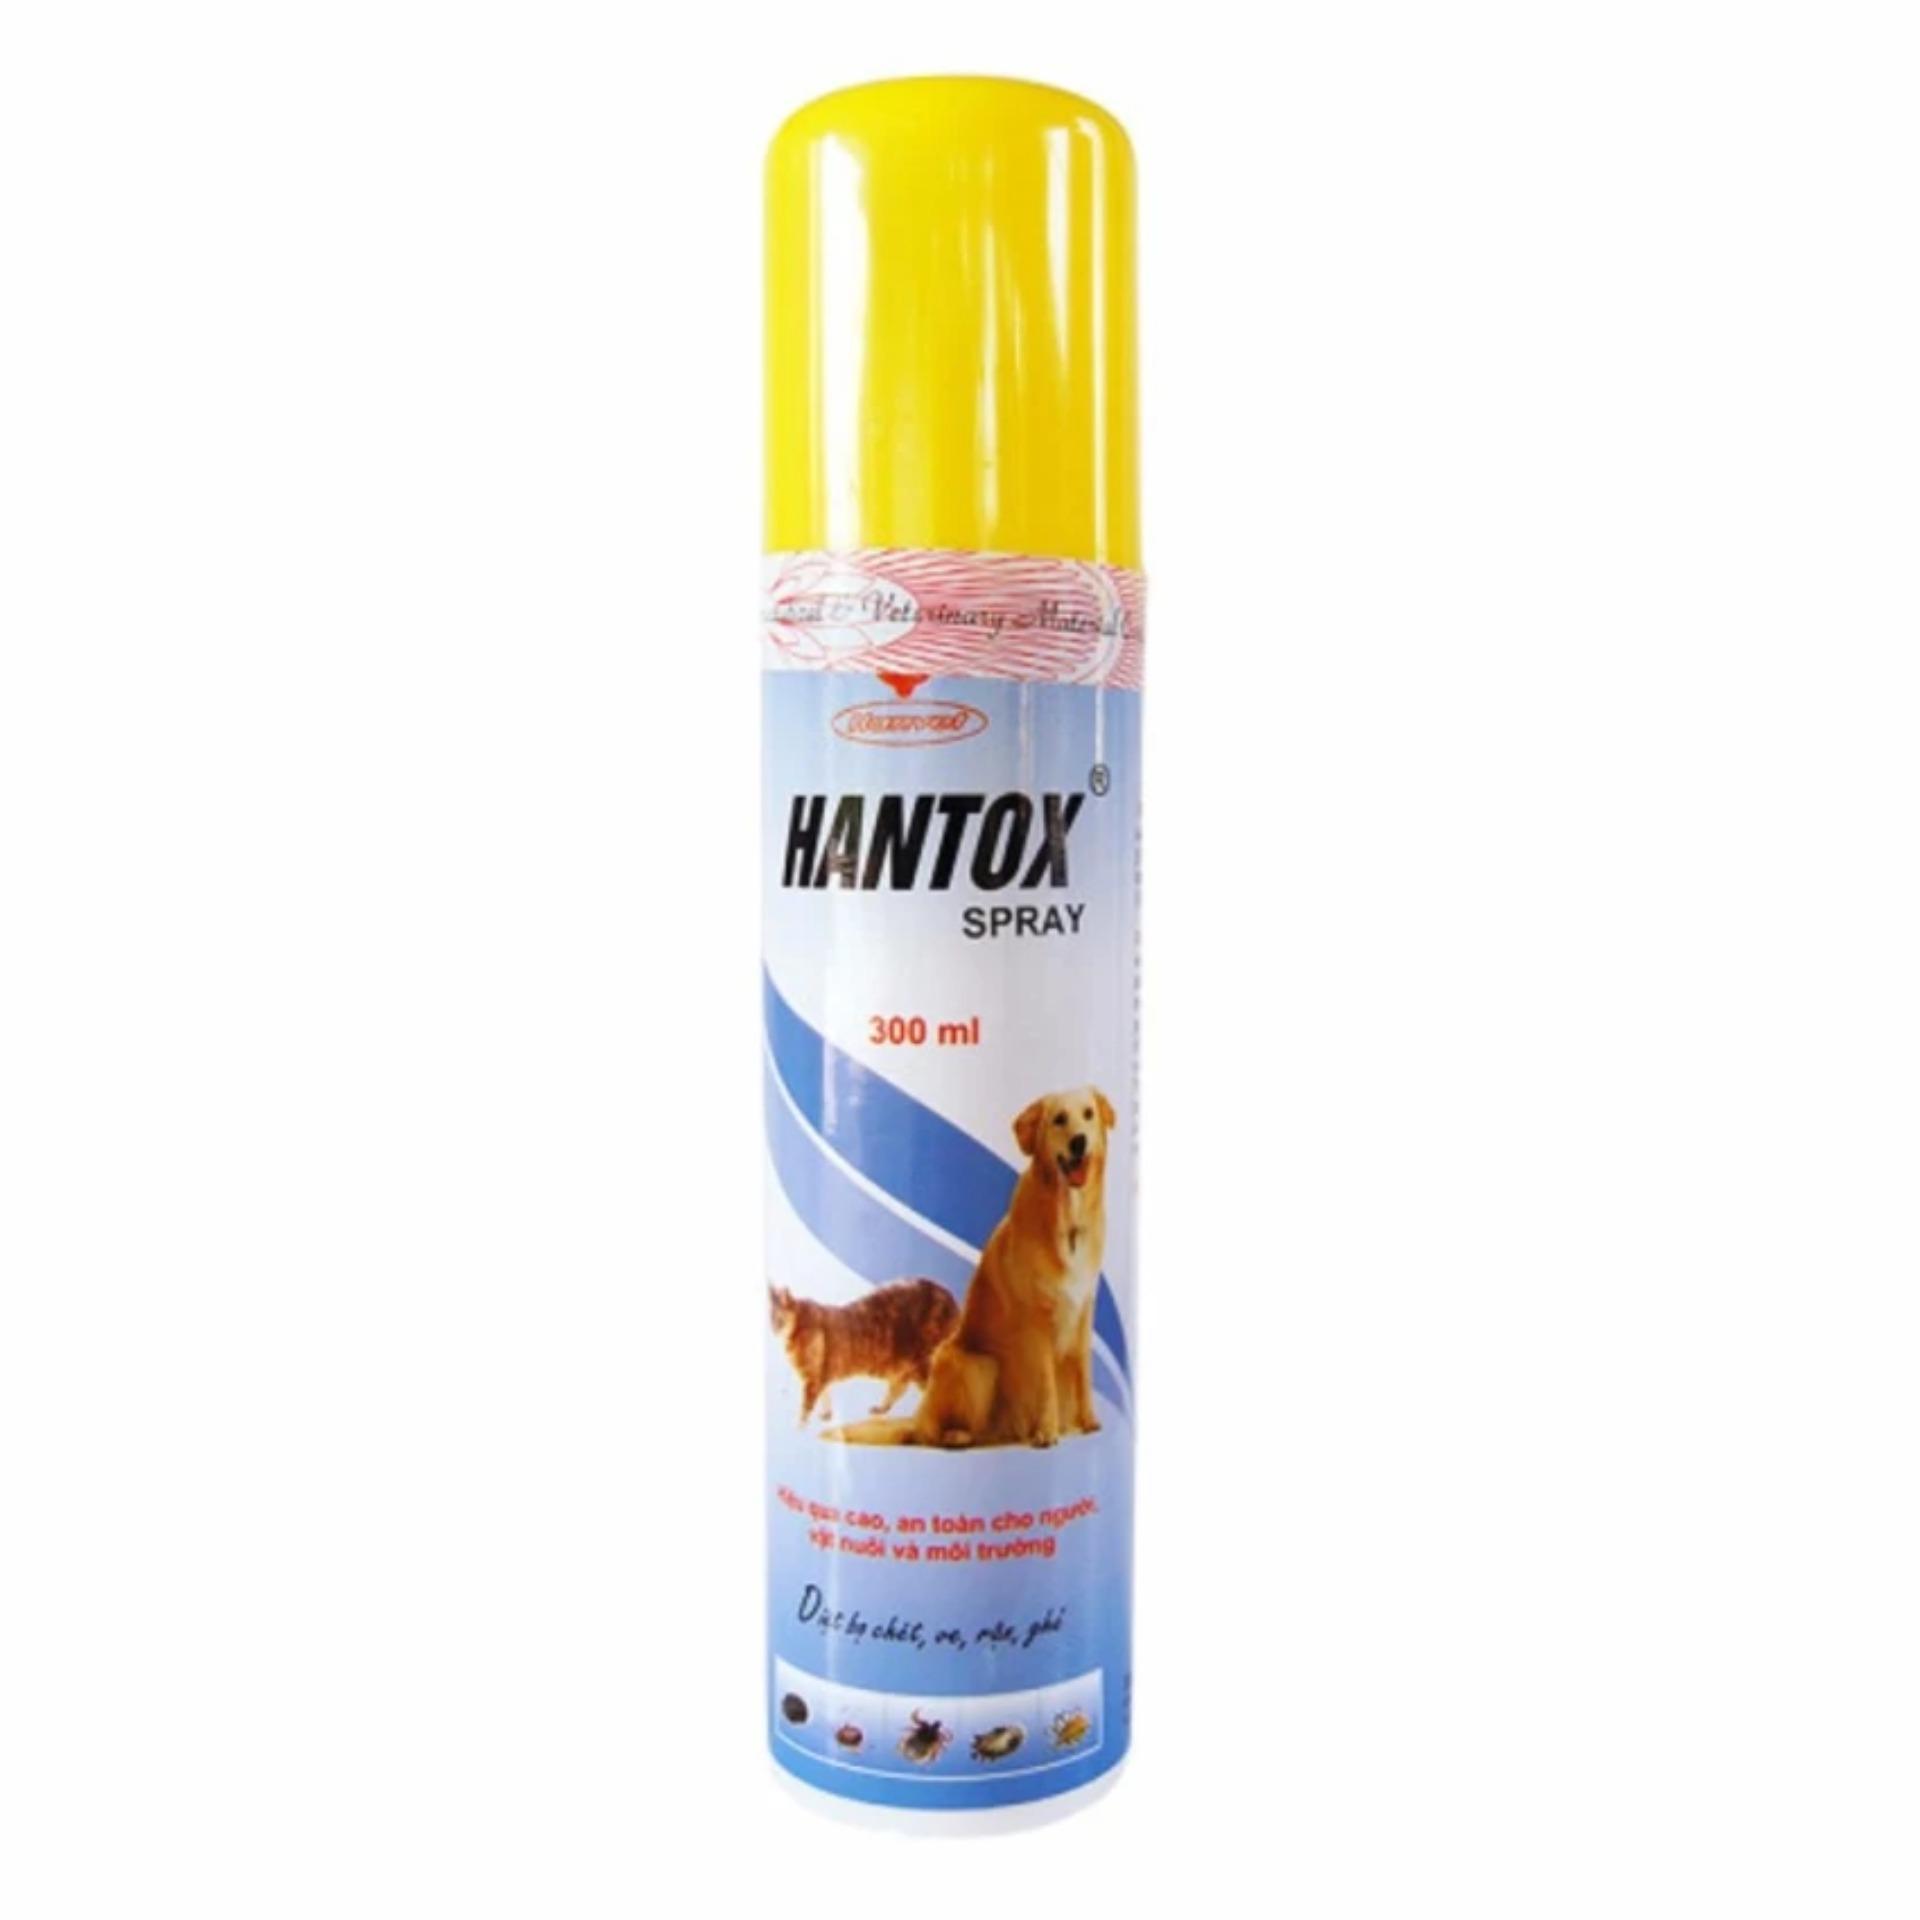 Thuốc xịt bọ, ve mèo Hantox spray